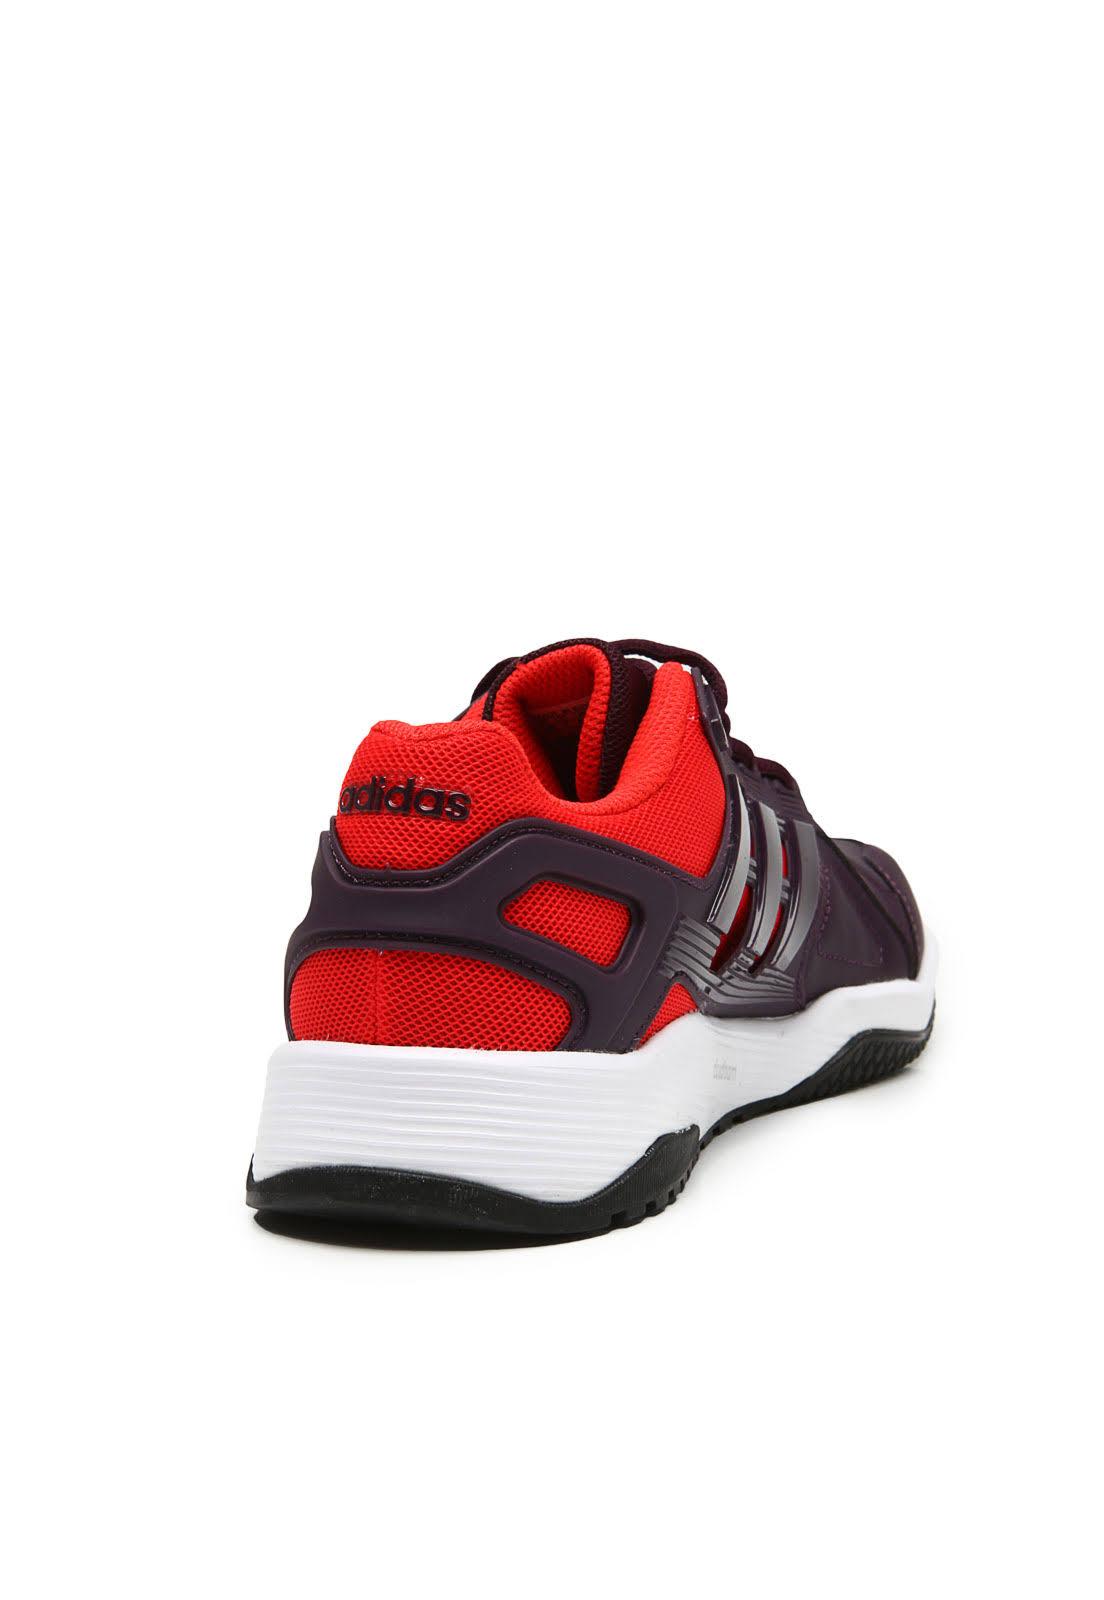 Vermelho 40 Duramo 8 Roxo Training Trainer Adidas Tênis Homem wXIOqX6